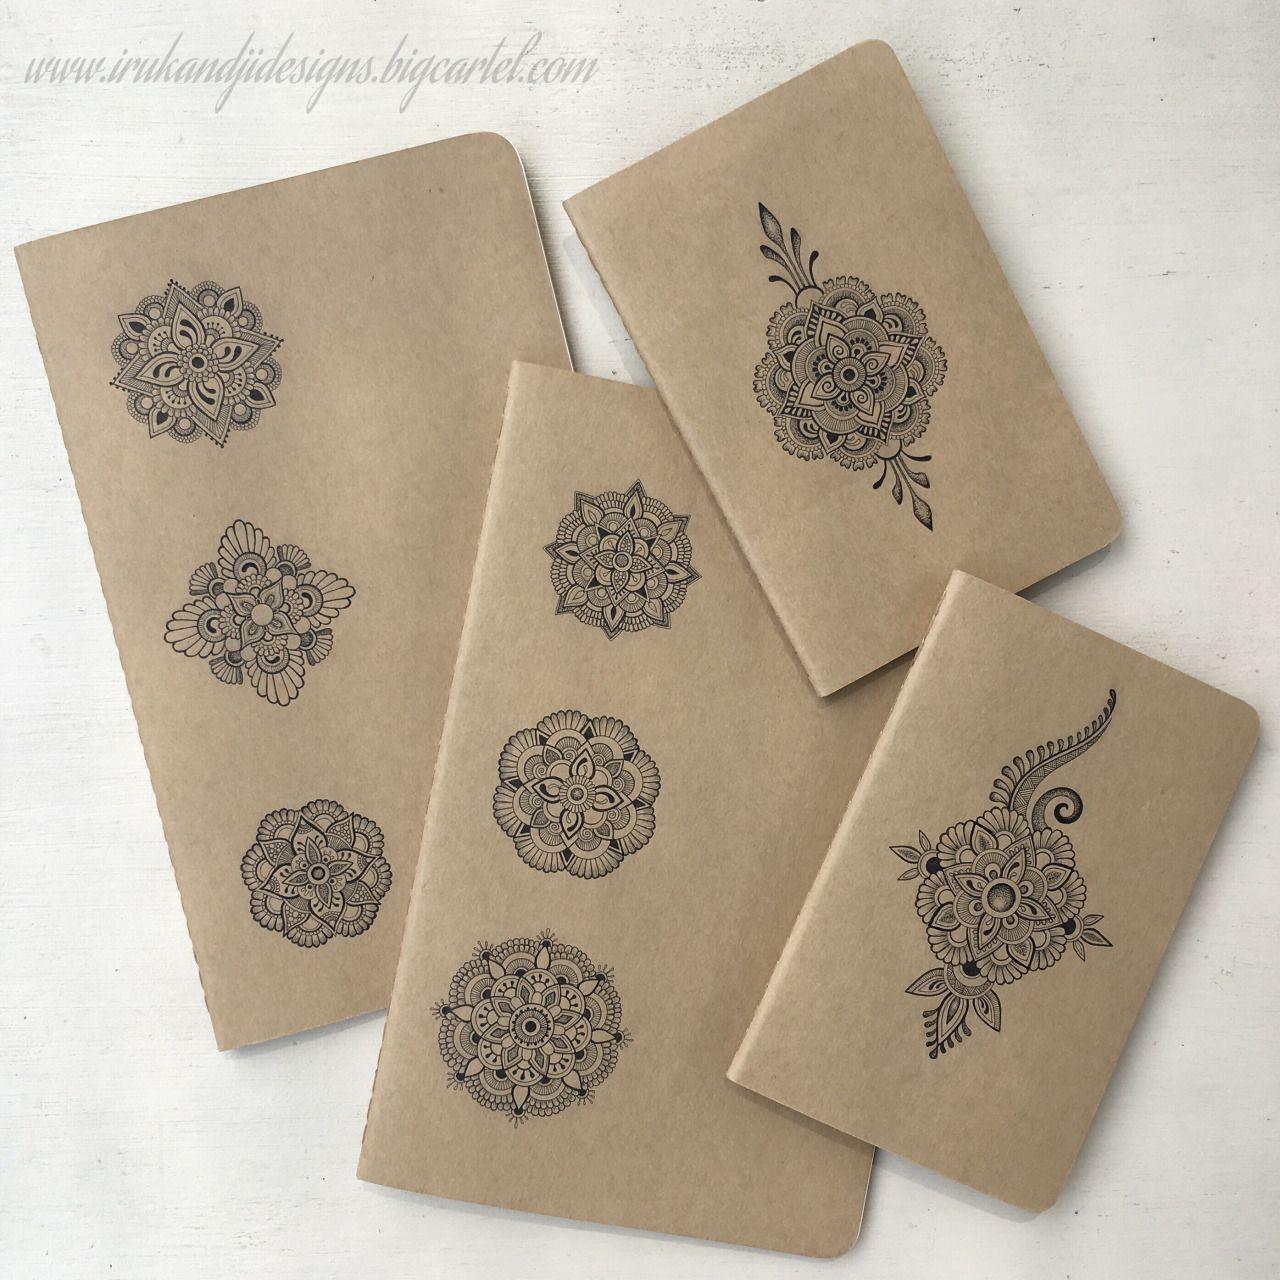 Anoushka Irukandji | I have listed these four hand-embellished...